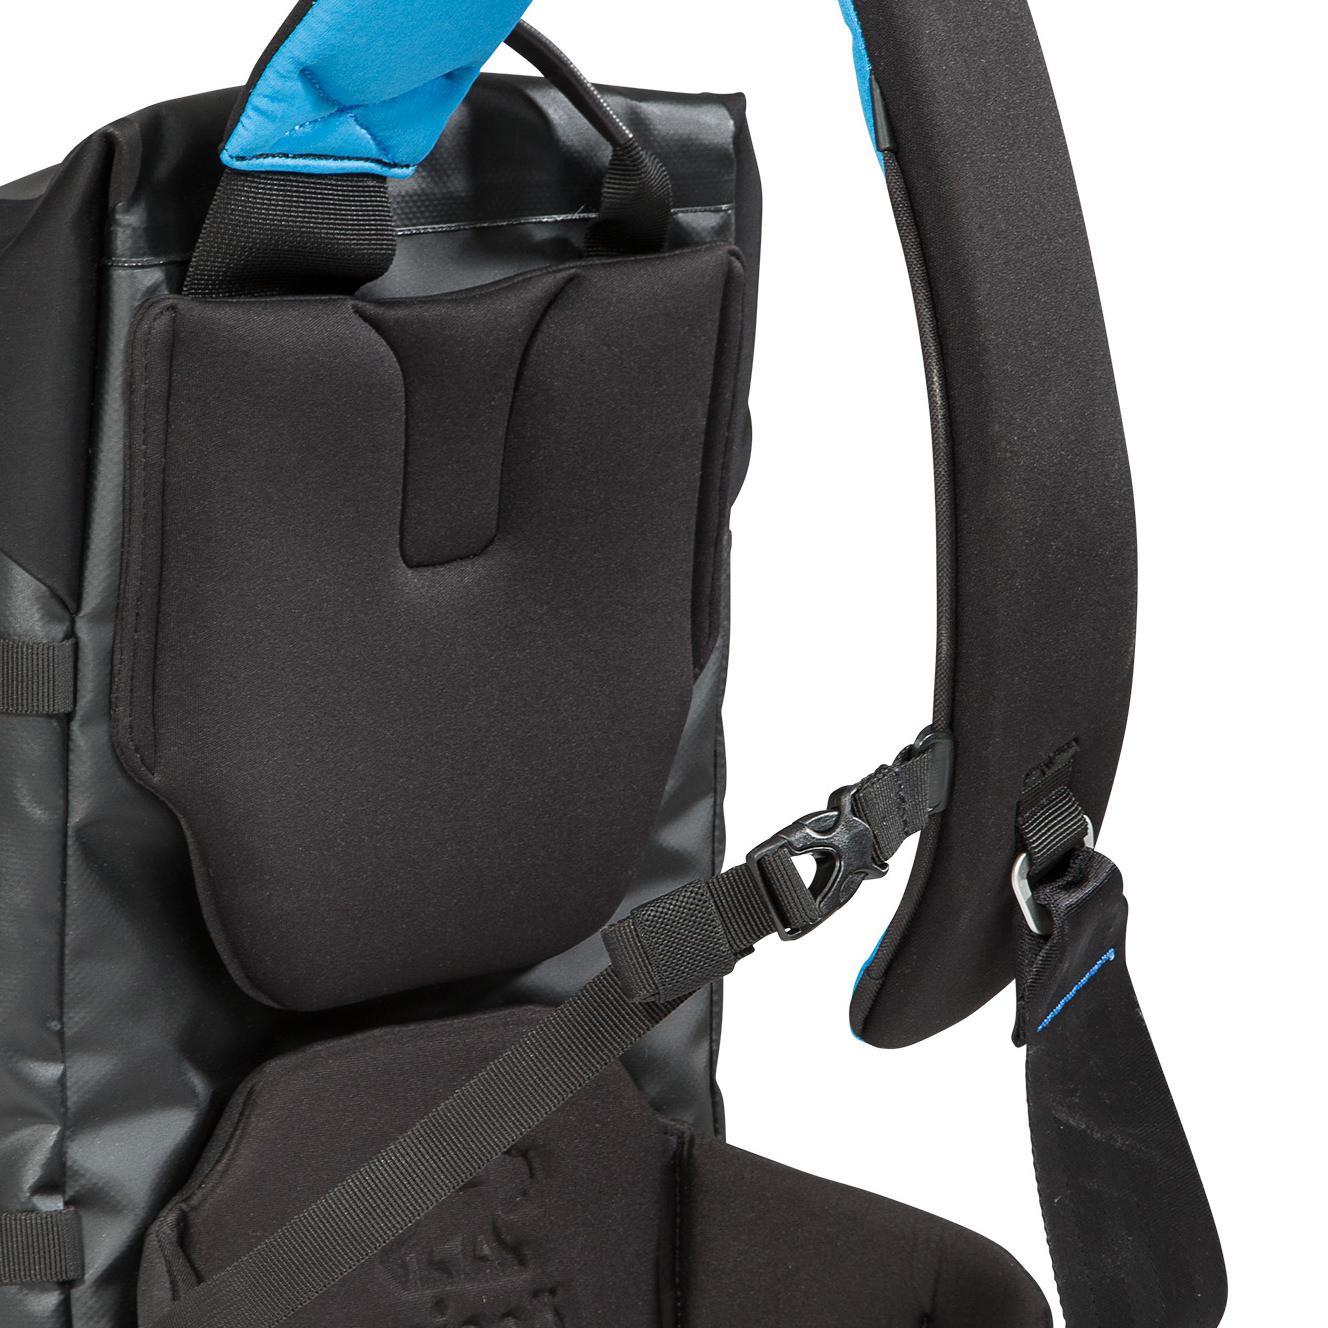 aqua-storm-proof-sling-camera-bag-3.jpg